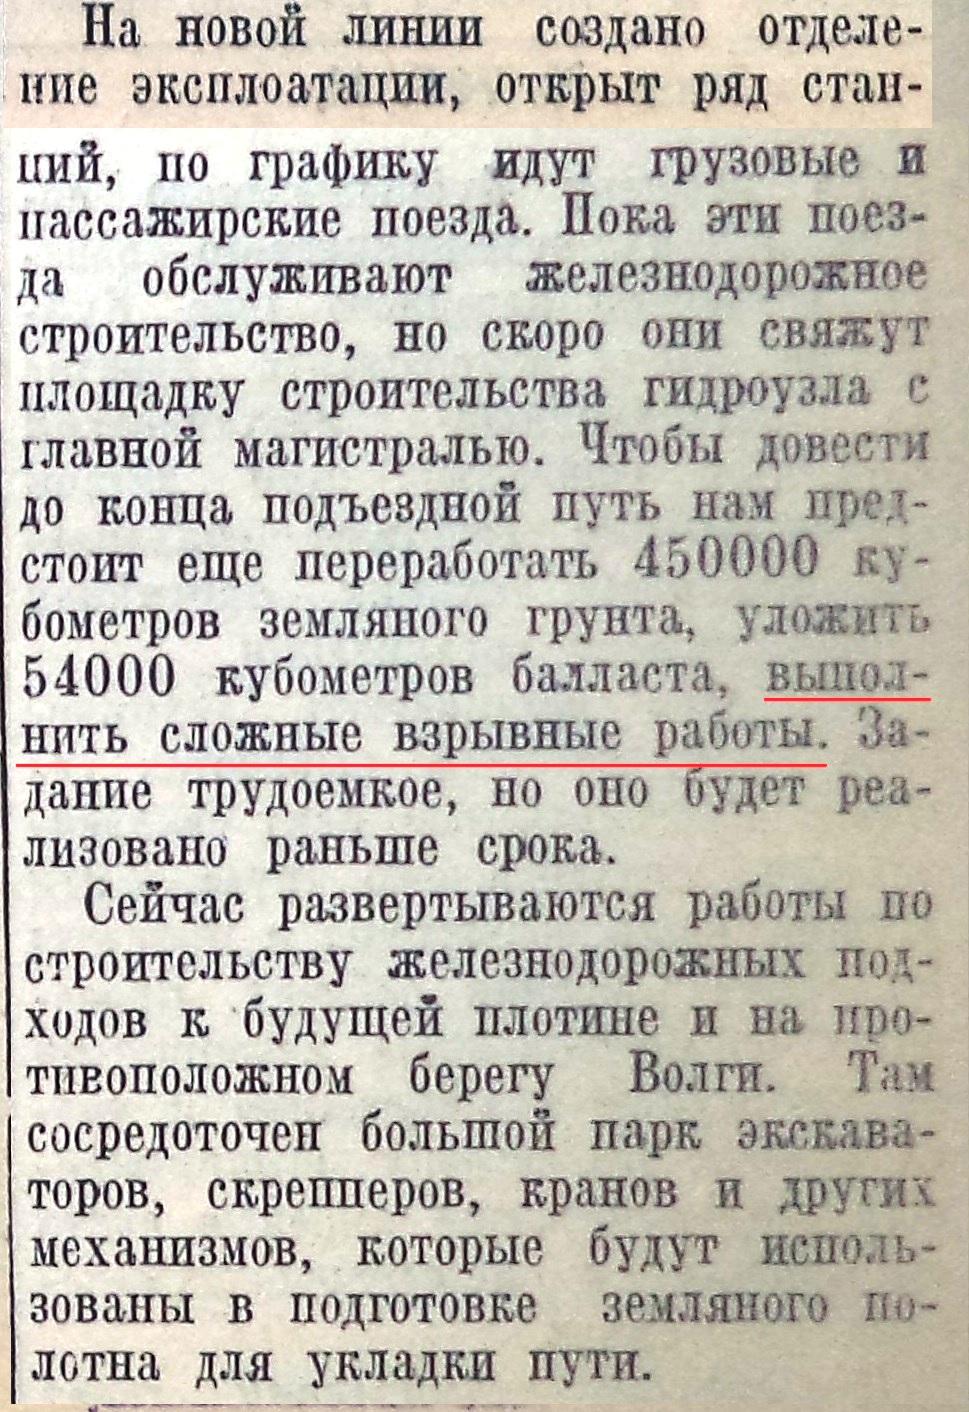 Трёхгорная-ФОТО-12-Большевистское знамя-1951-13 марта